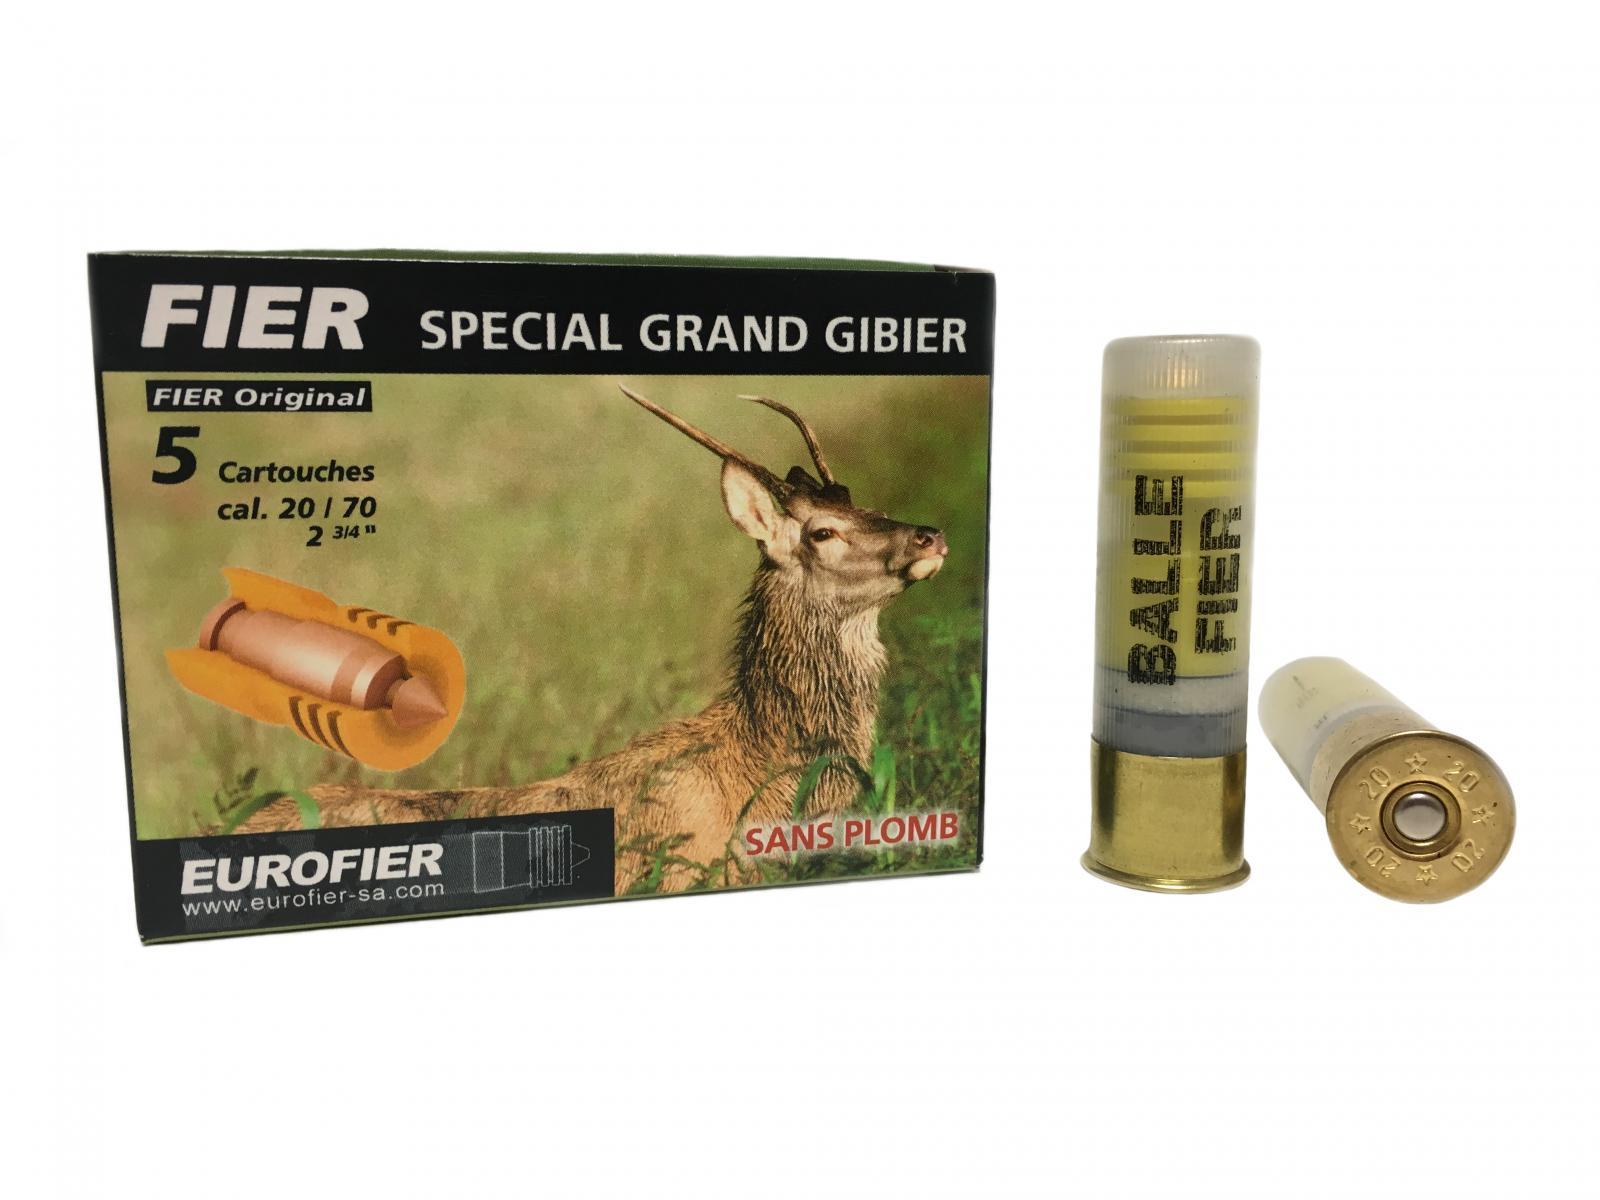 Boite de 5 balles FIER SPECIAL GRAND GIBIER calibre 20 FI3